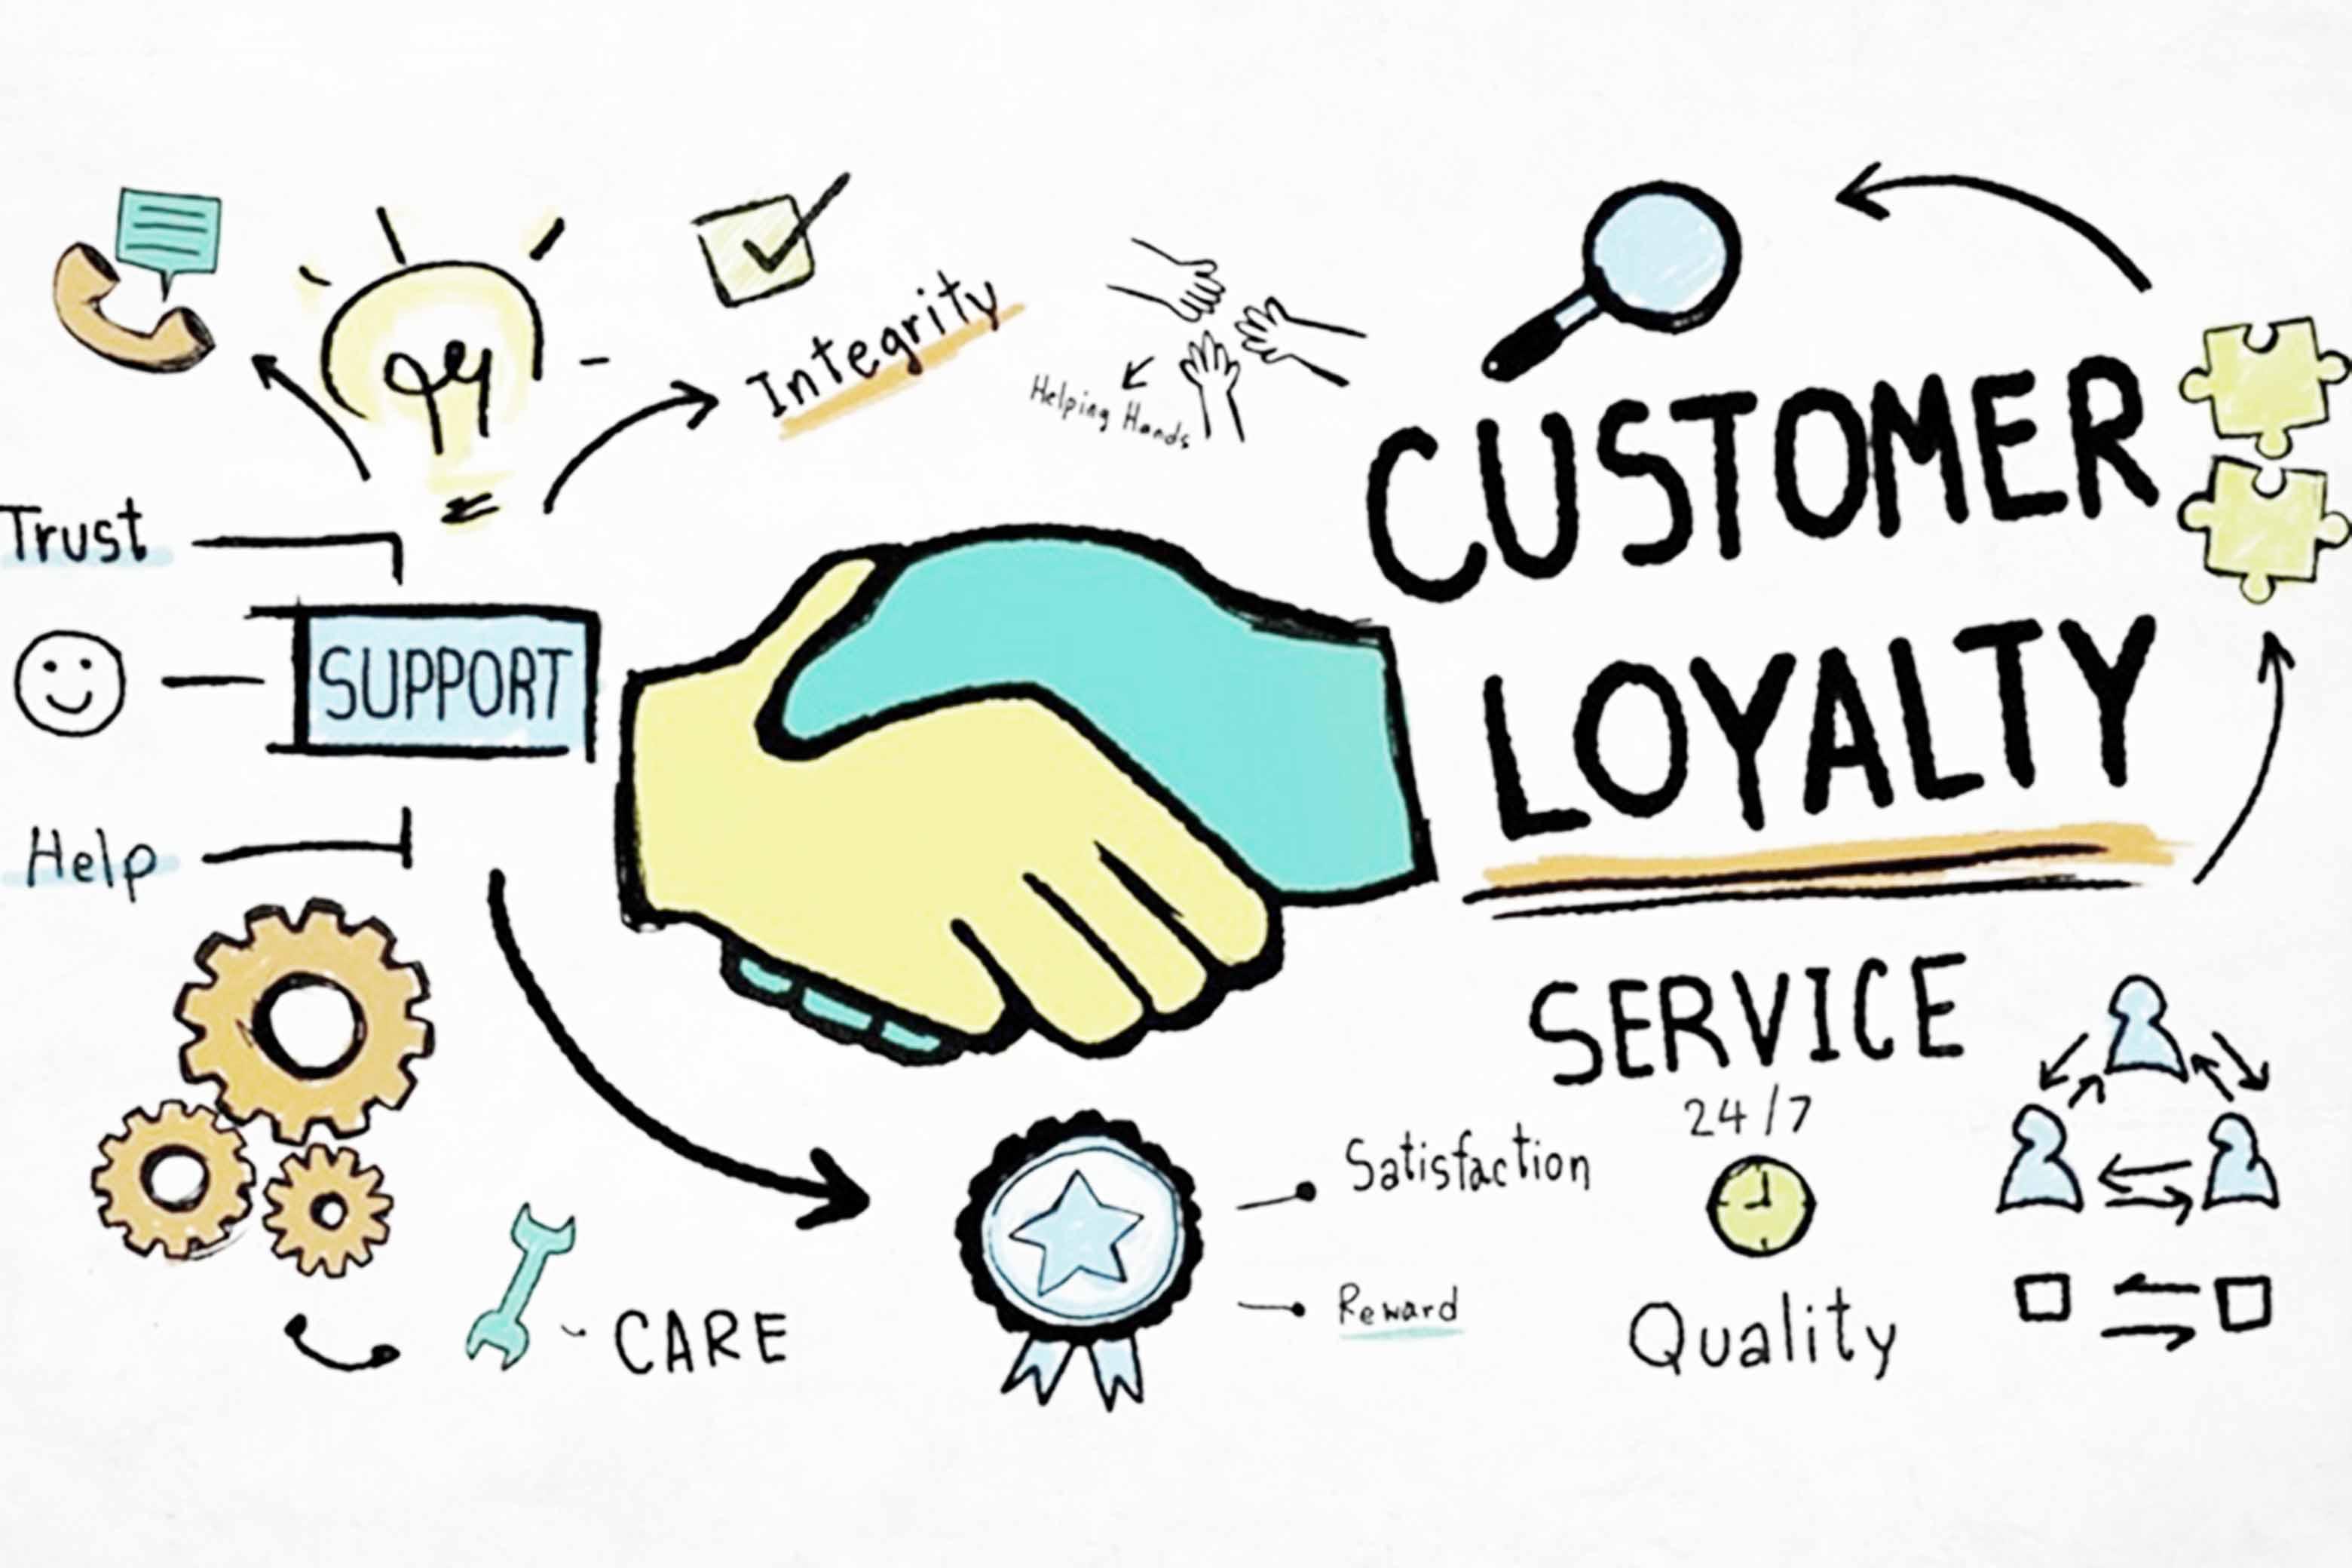 Langfristiger Erfolg durch loyale Kunden